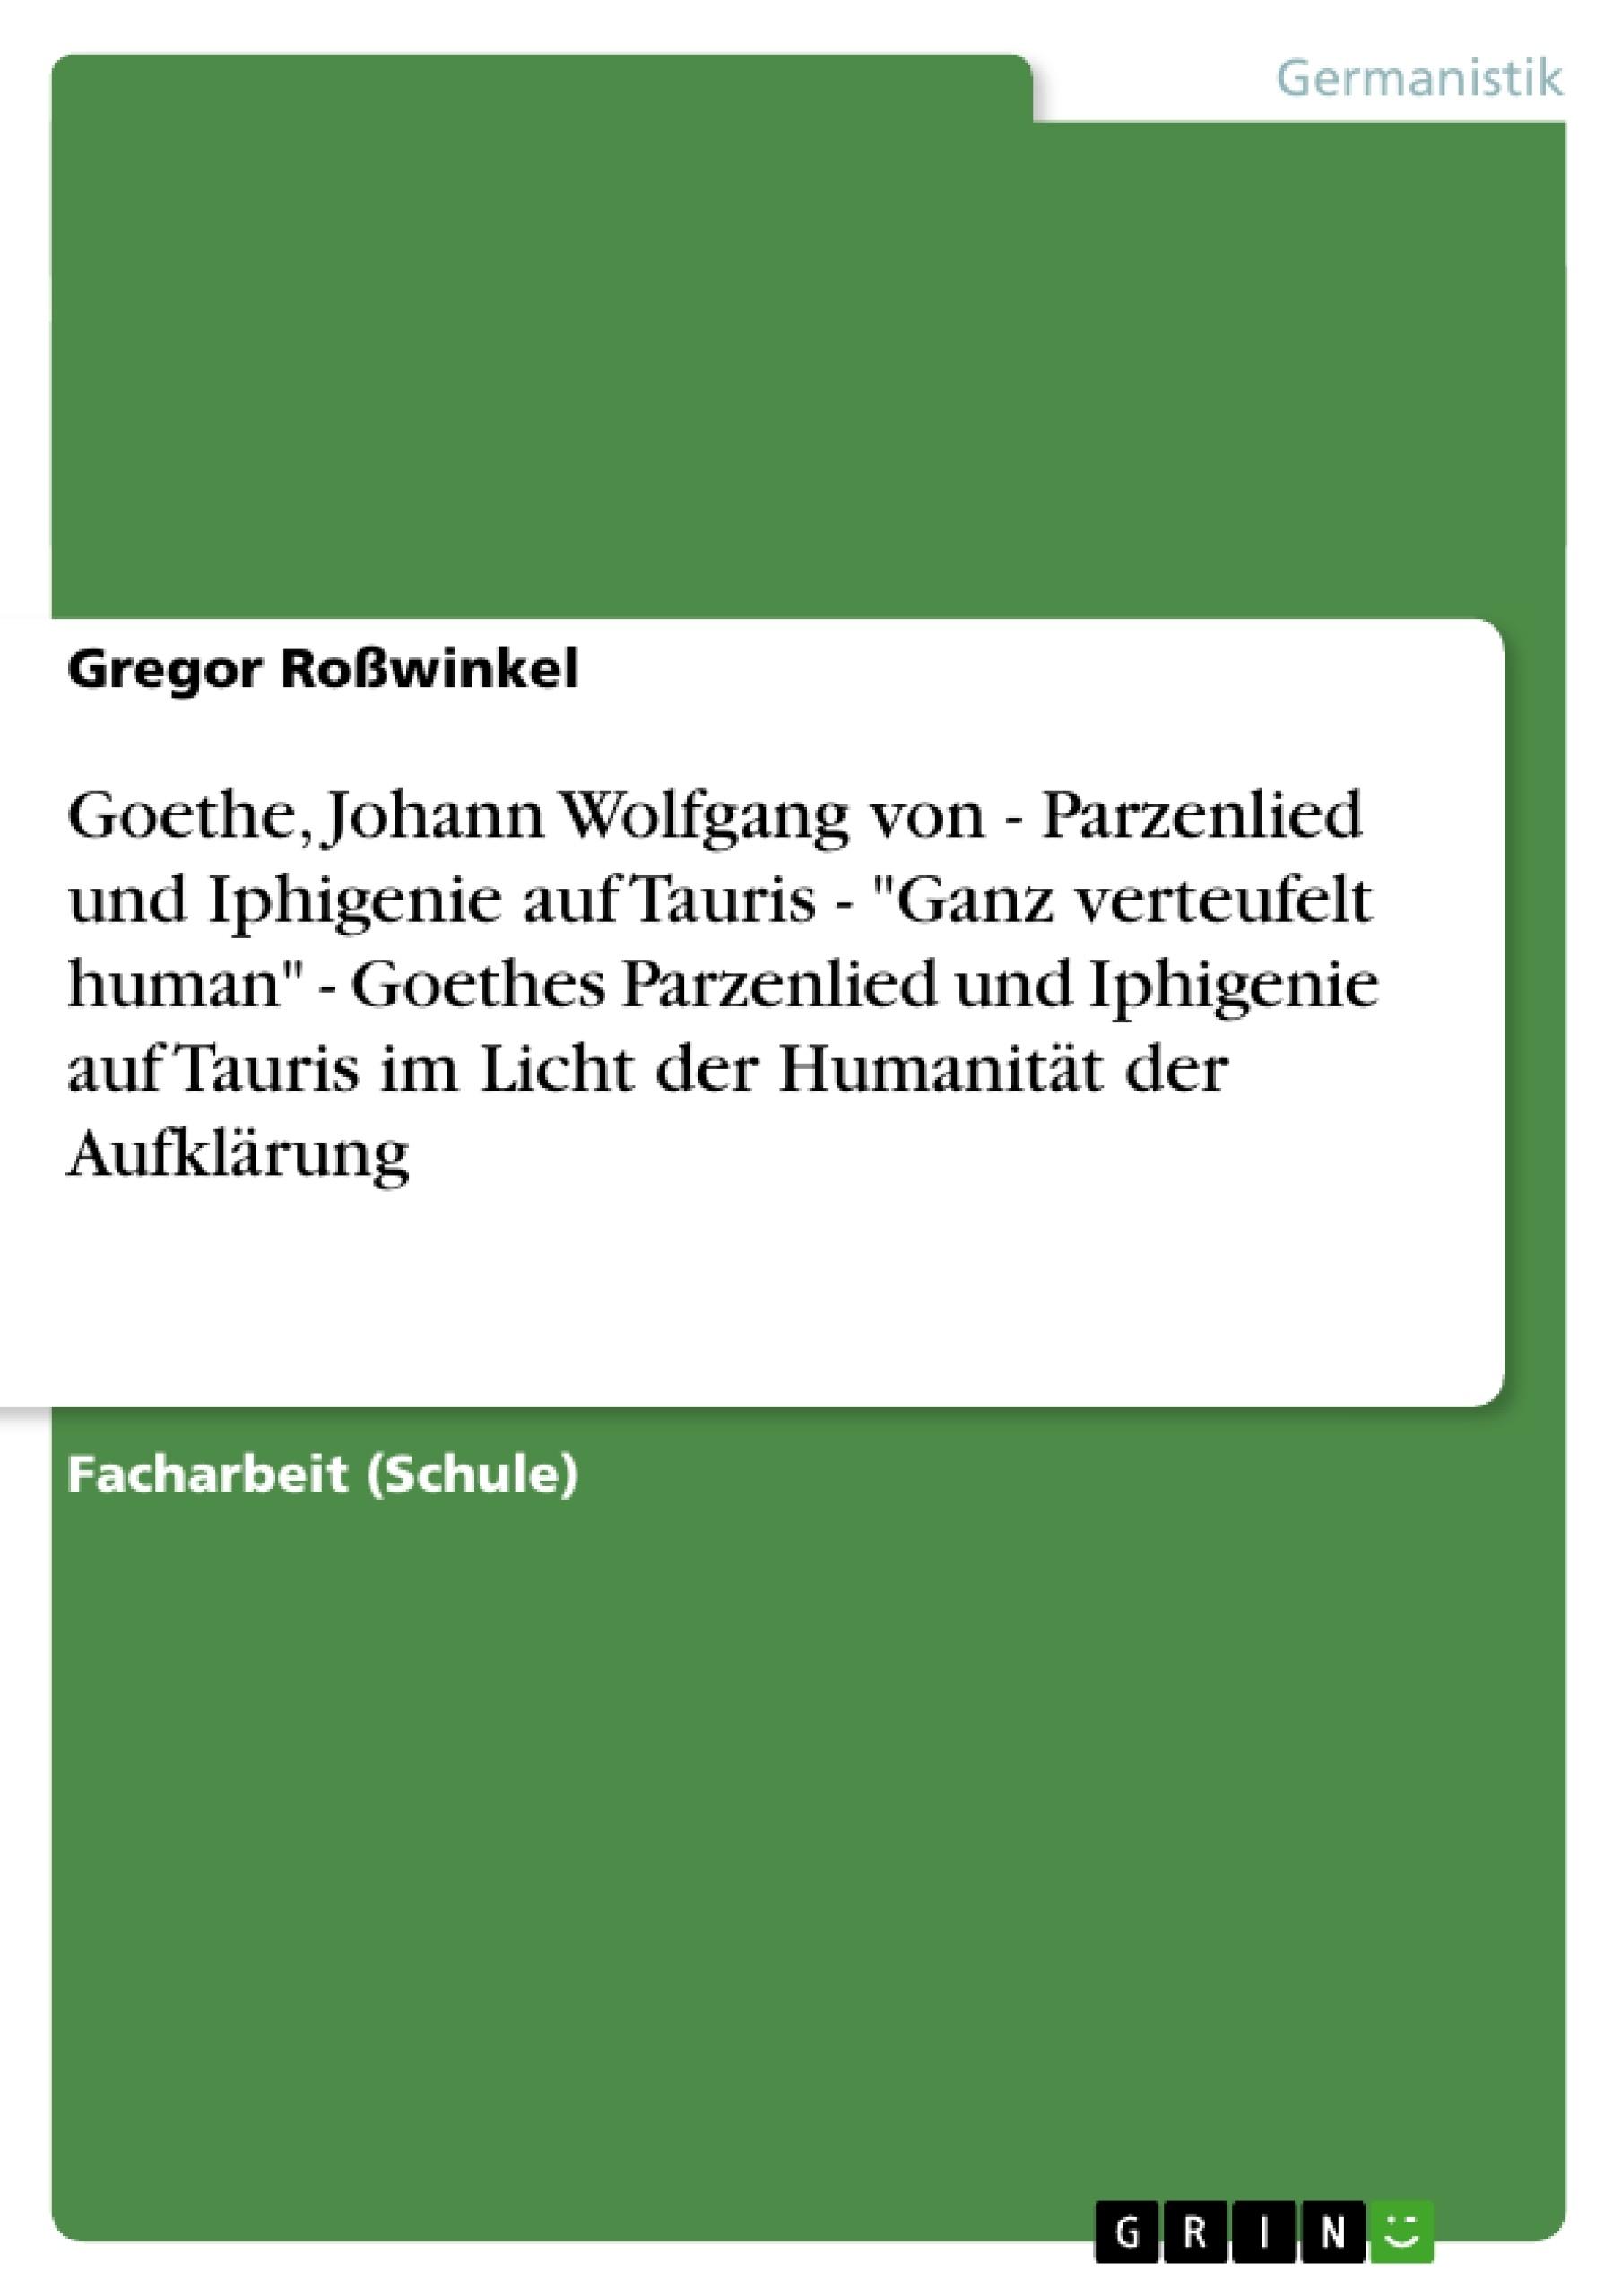 """Titel: Goethe, Johann Wolfgang von - Parzenlied und Iphigenie auf Tauris  - """"Ganz verteufelt human"""" - Goethes Parzenlied und Iphigenie auf Tauris im Licht der Humanität der Aufklärung"""